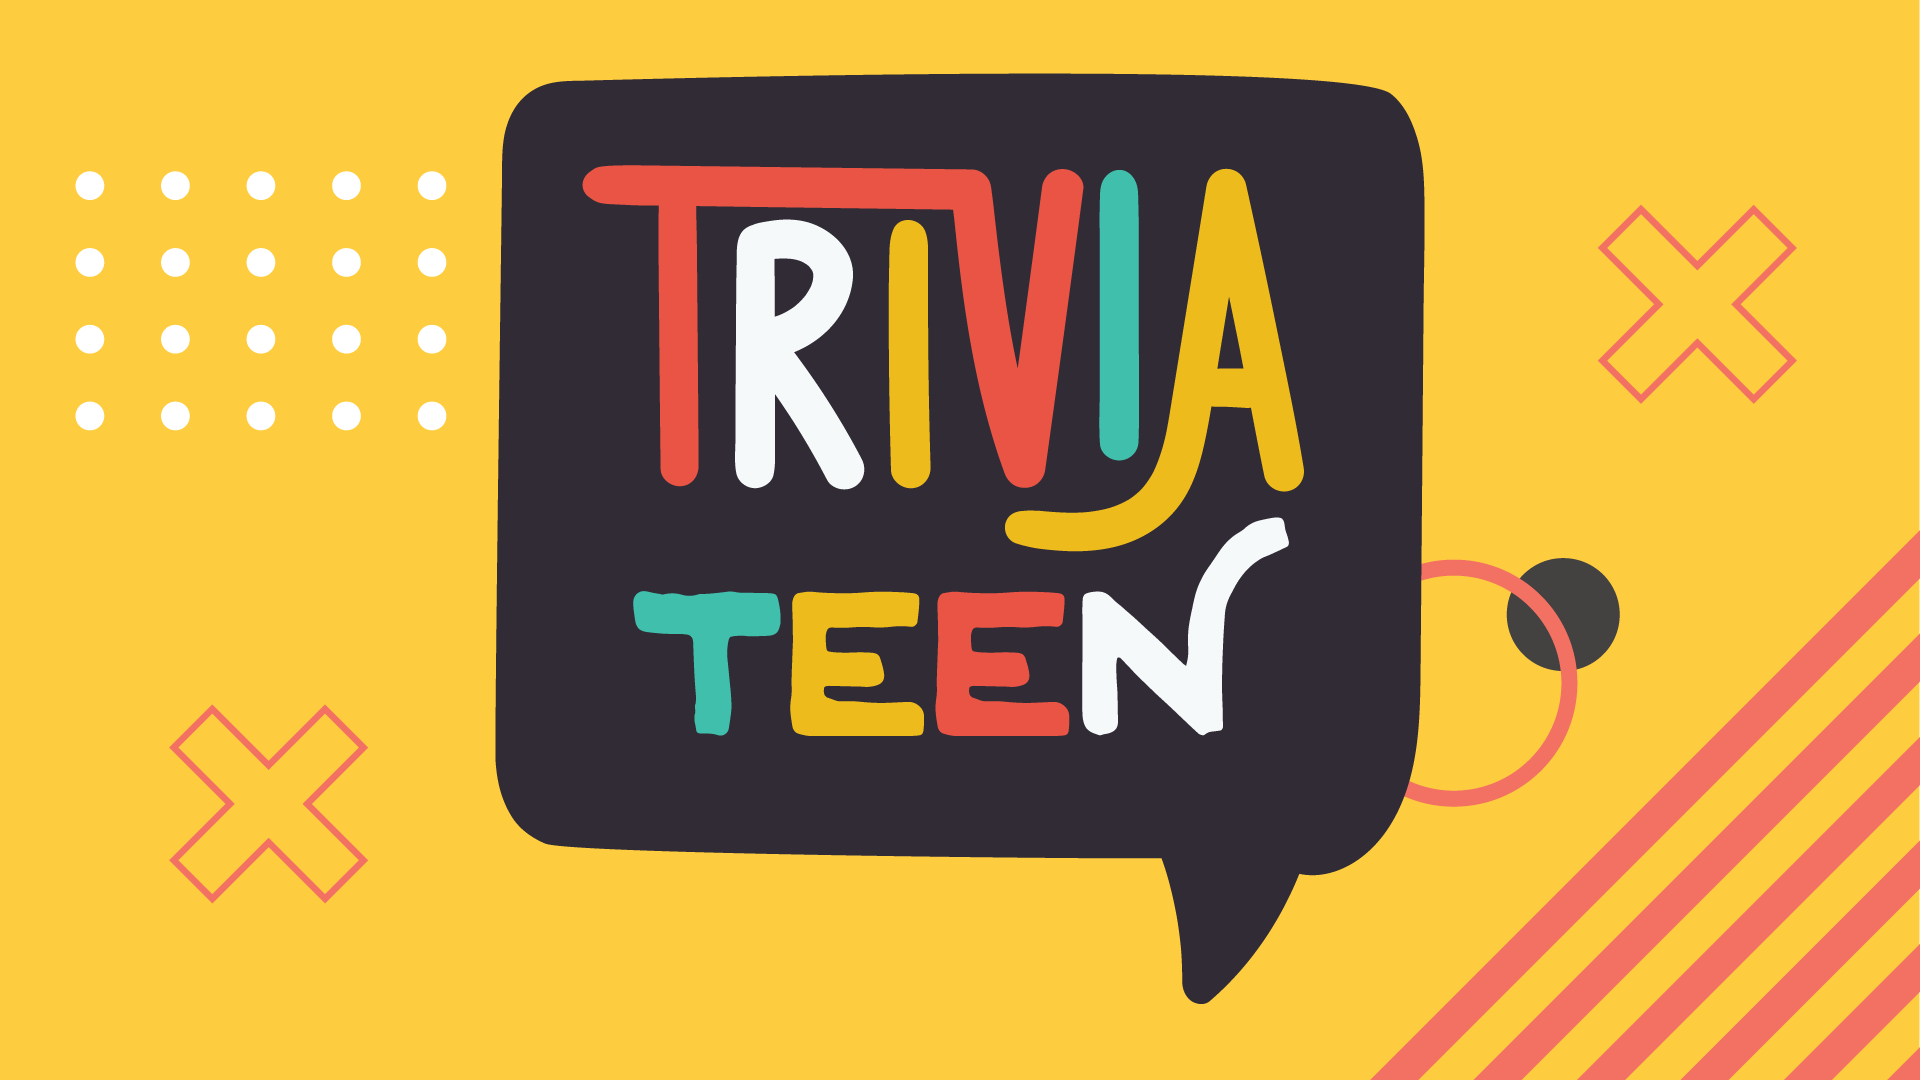 teen trivia challenge